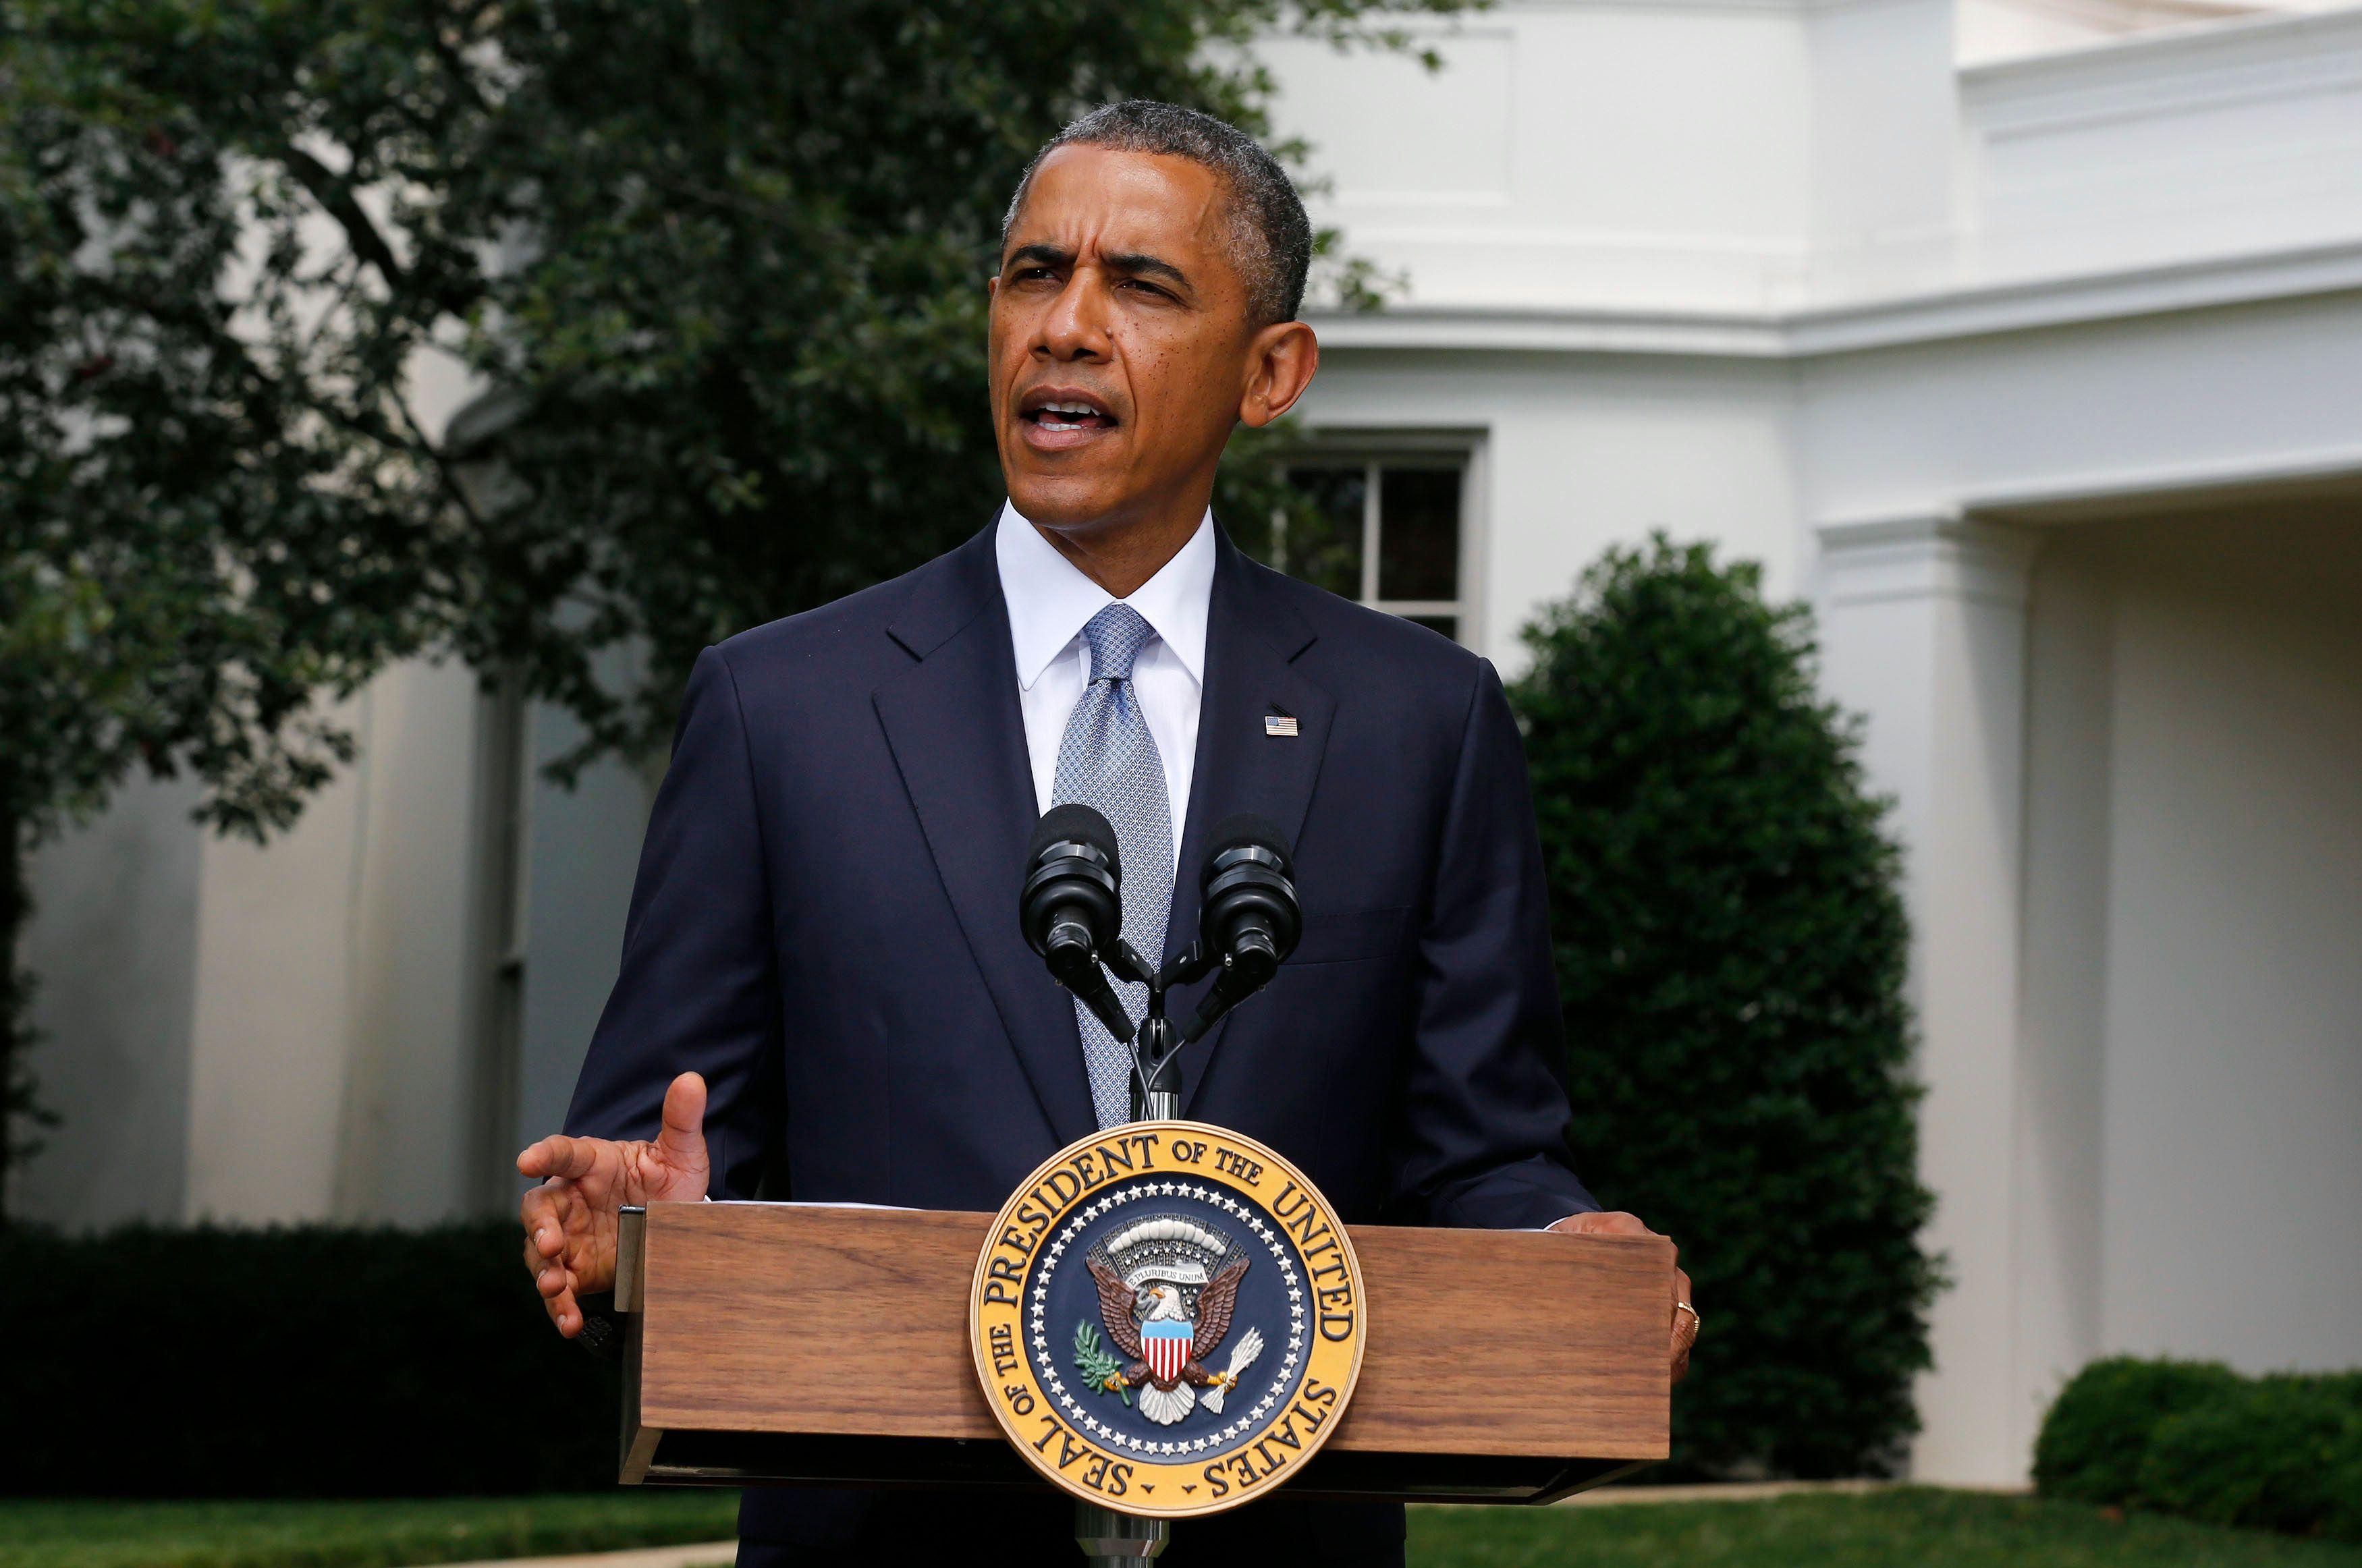 Dans un entretien accordé vendredi au quotidien New York Times, le président américain déclare ne pas exclure un usage élargi des frappes militaires en Irak